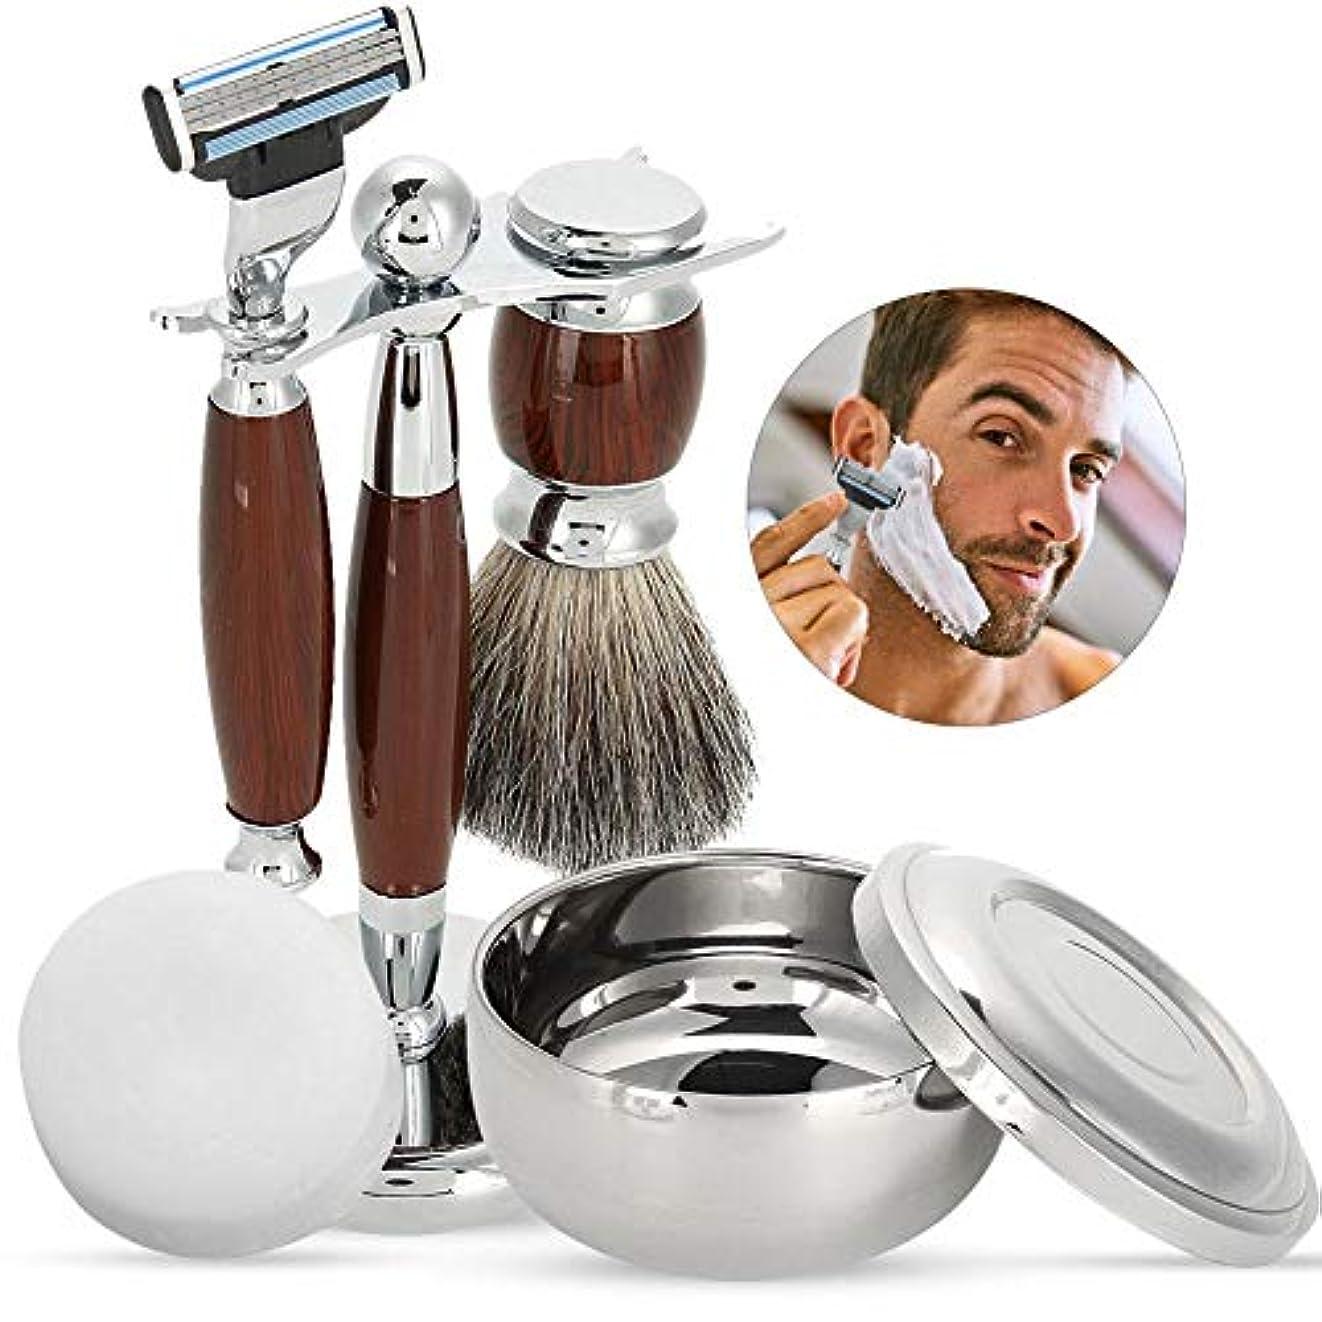 シャツ地上で慢な男性ひげ剃りセット、シェービングブラシ++ボウル+石鹸+ブラシホルダー 洗顔 髭剃り スキンケア プレゼン